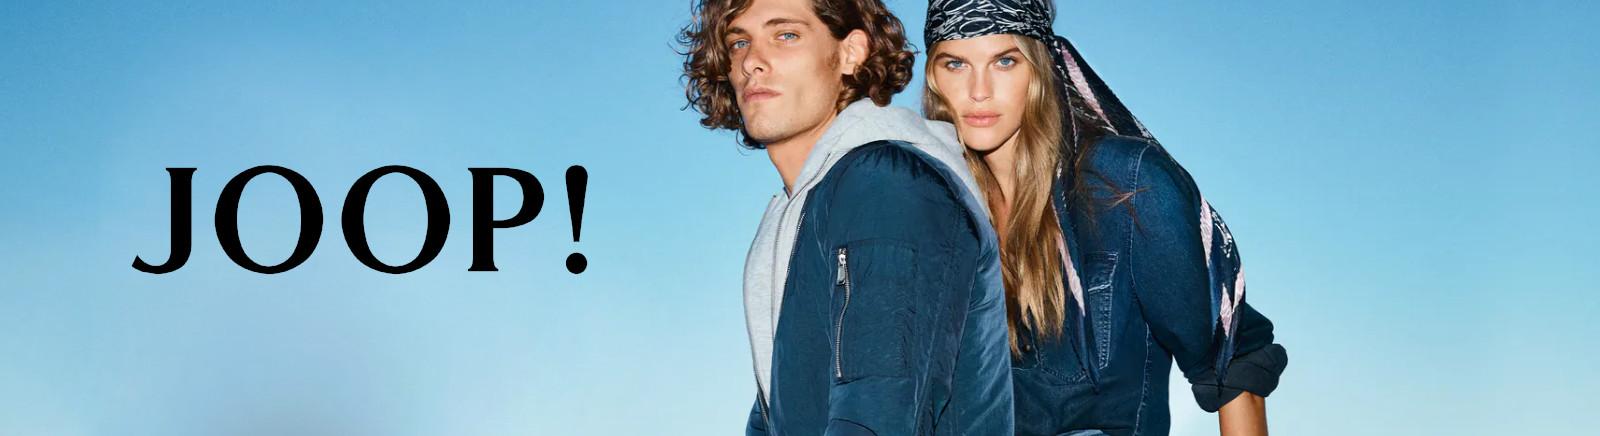 Joop Fashion Week Sale für Damen im Online-Shop von GISY kaufen